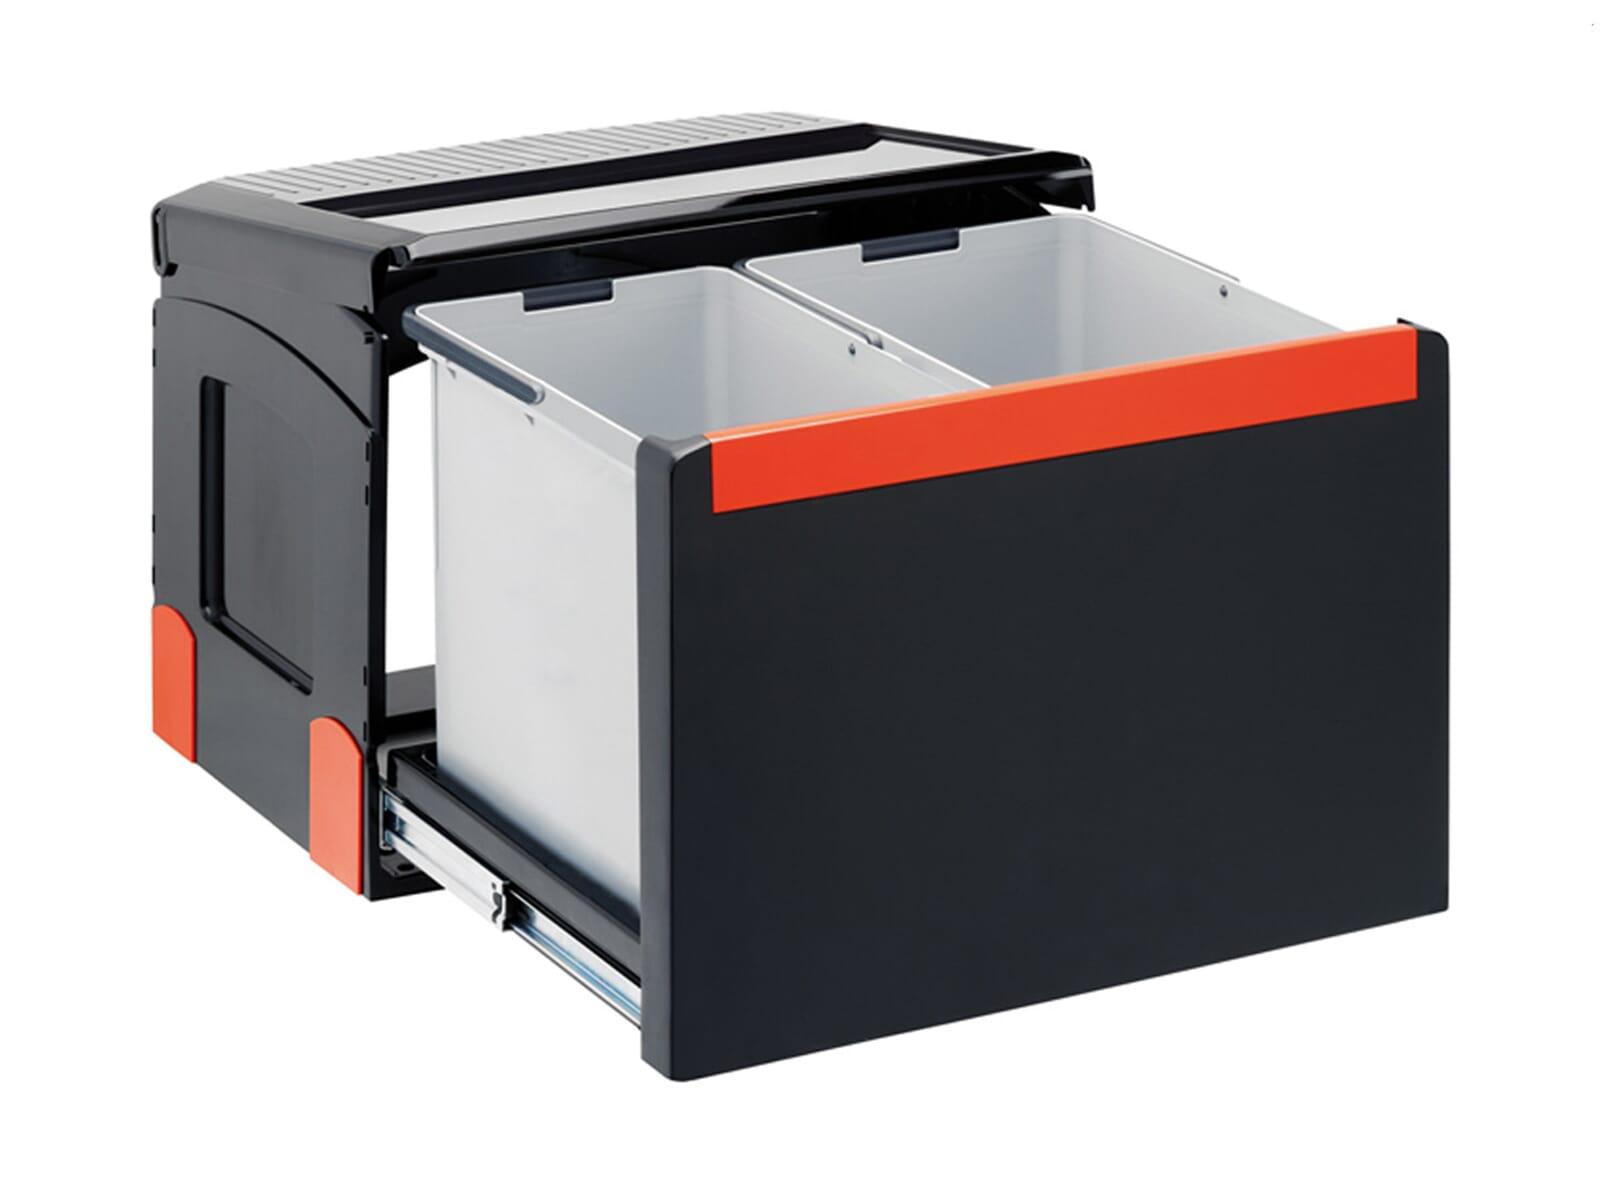 franke sorter cube 50 einbau abfallsammler m lleimer trennsystem ebay. Black Bedroom Furniture Sets. Home Design Ideas